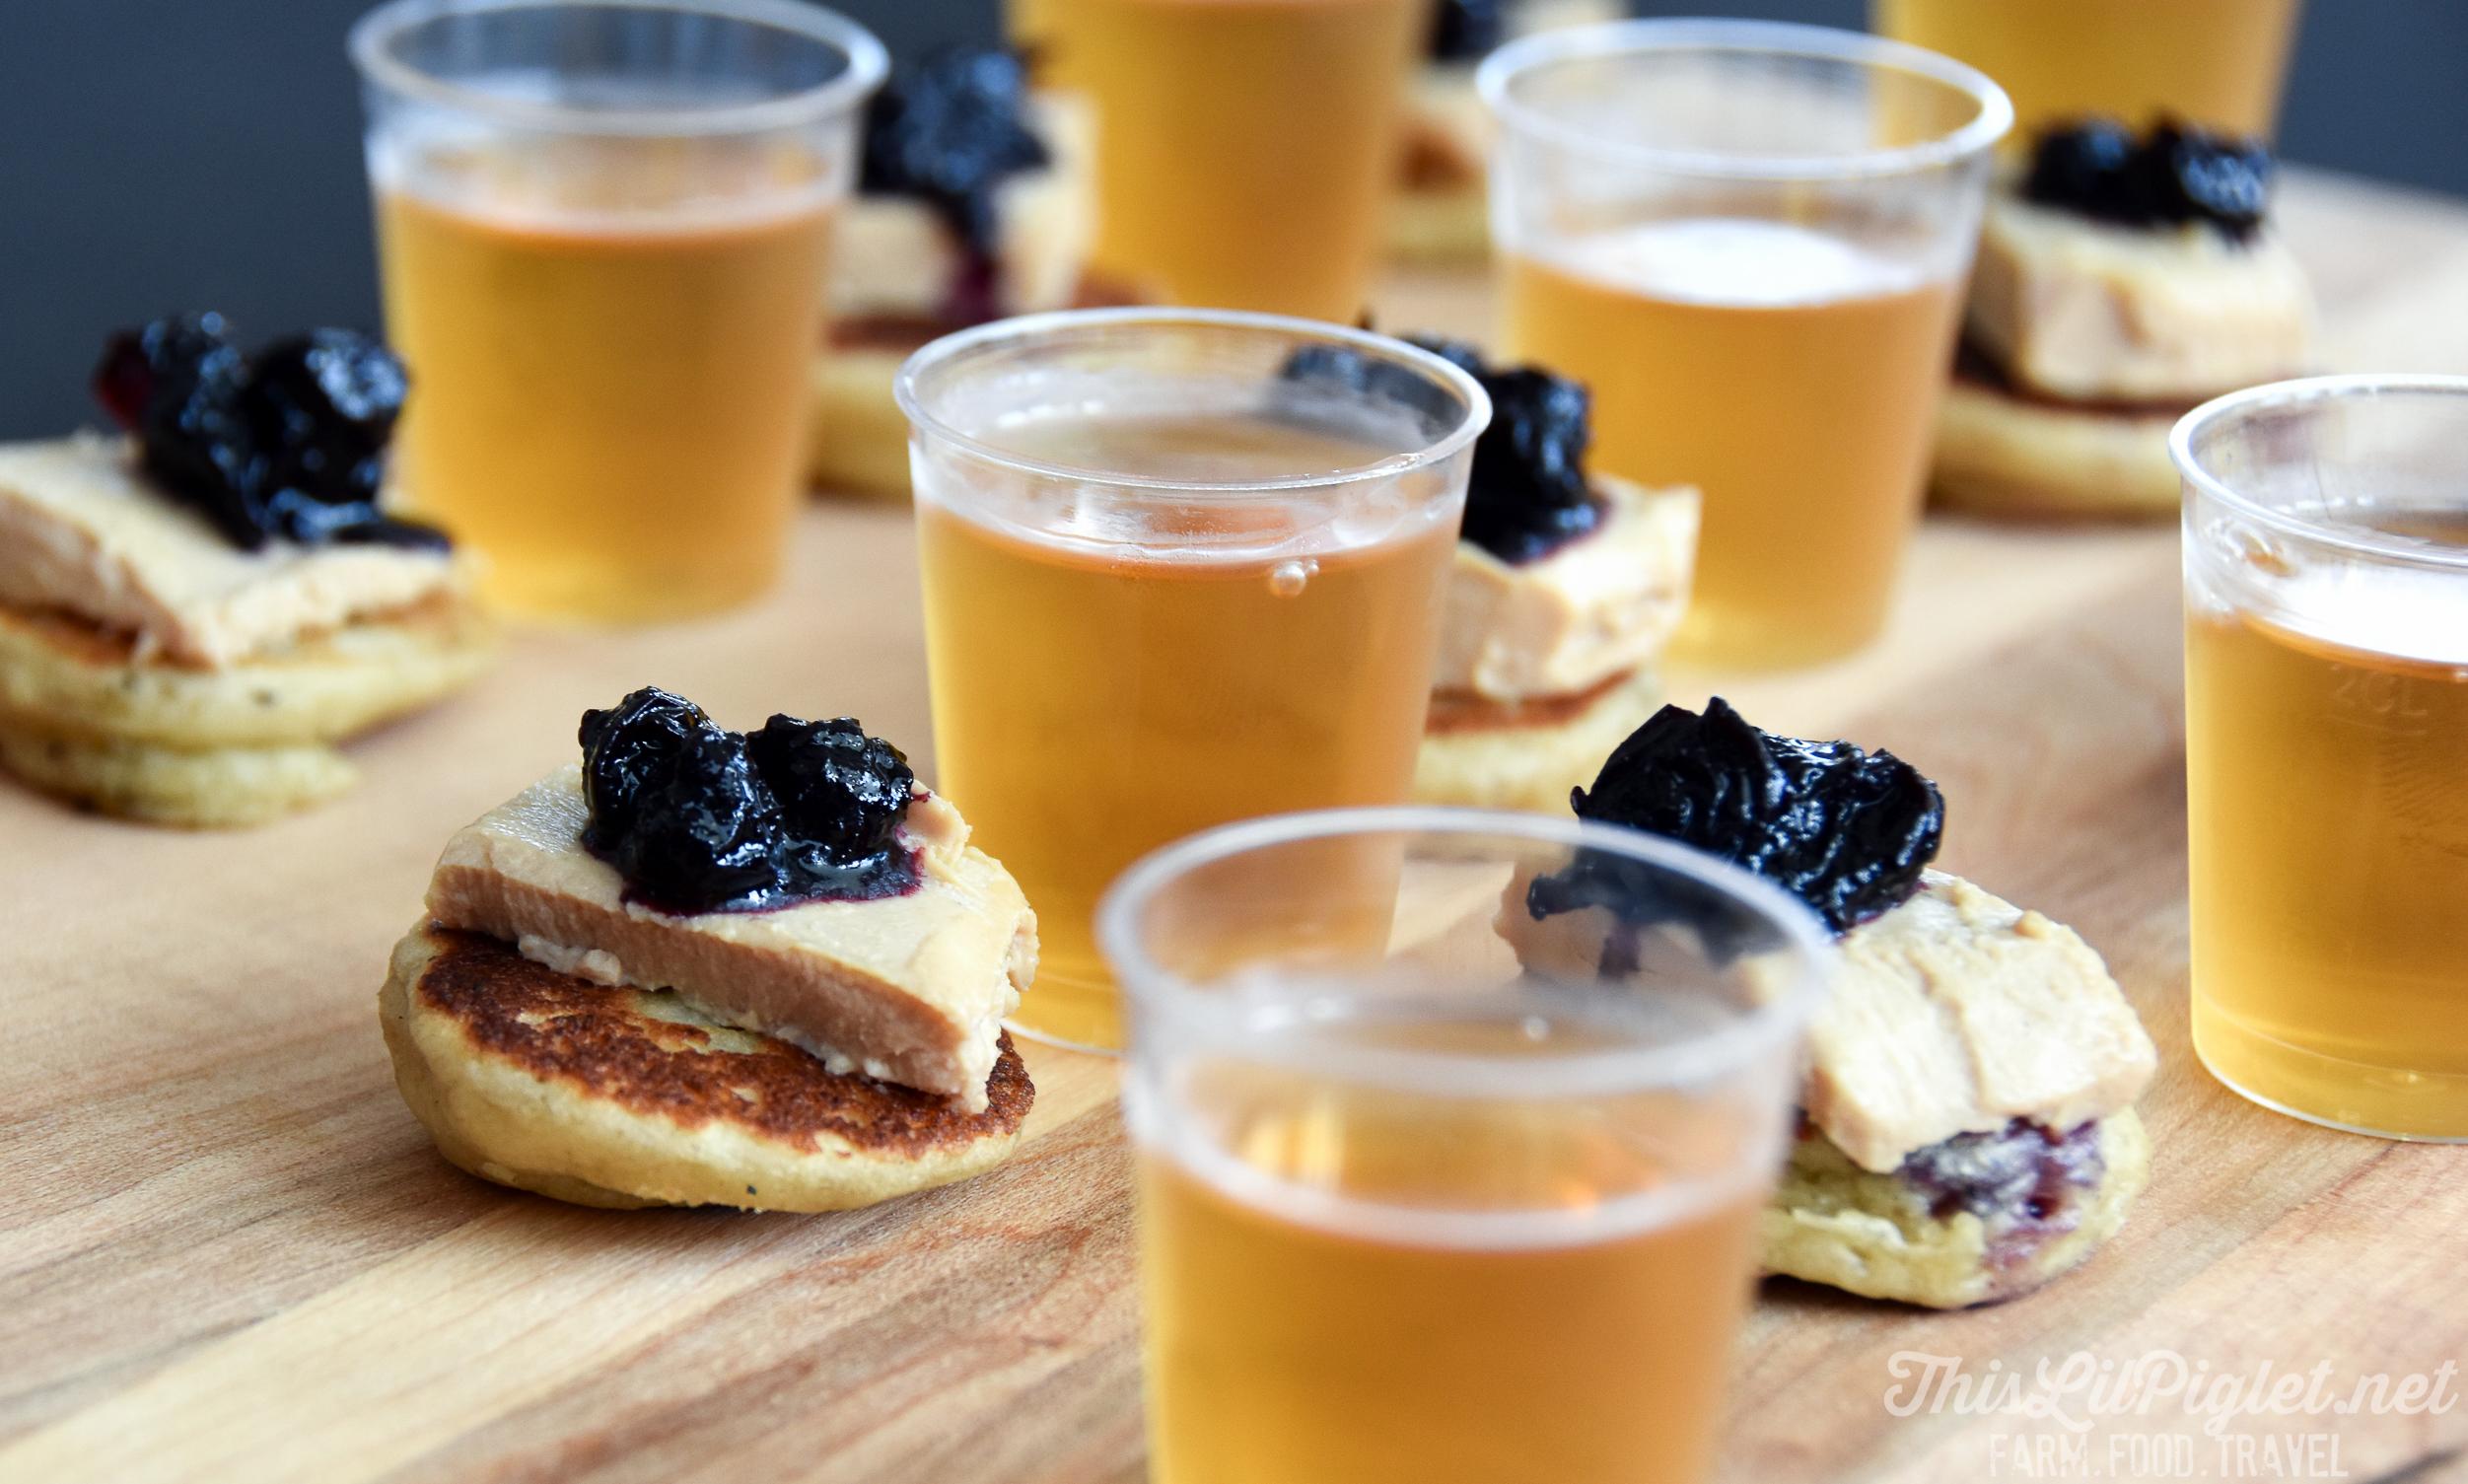 Quebec Farm to Table Discoveries: La Tournée des Chefs Goûtez le Québec - Foie Gras with Blueberry Compote on Pancakes // thislilpiglet.net